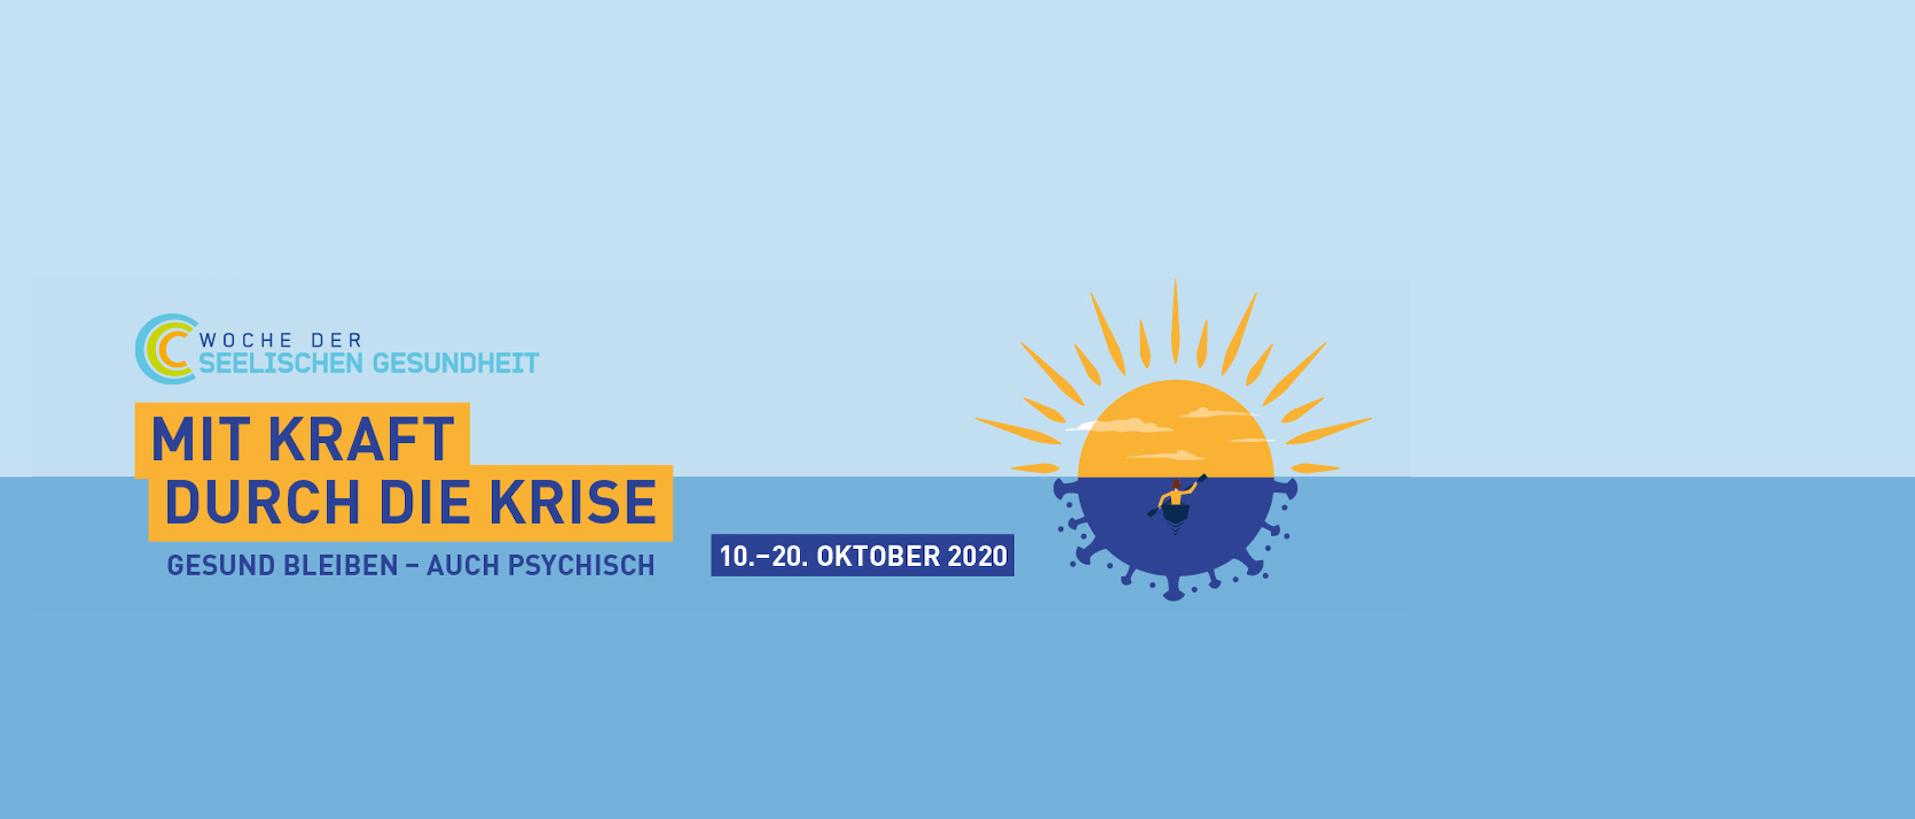 """Illustration mit Person die auf untergehende Sonne zu paddelt. Auf dem Bild steht geschrieben """"Mit Kraft durch die Krise. Gesund bleiben – Auch psychisch. 10. Bis 20. Oktober 2020."""""""